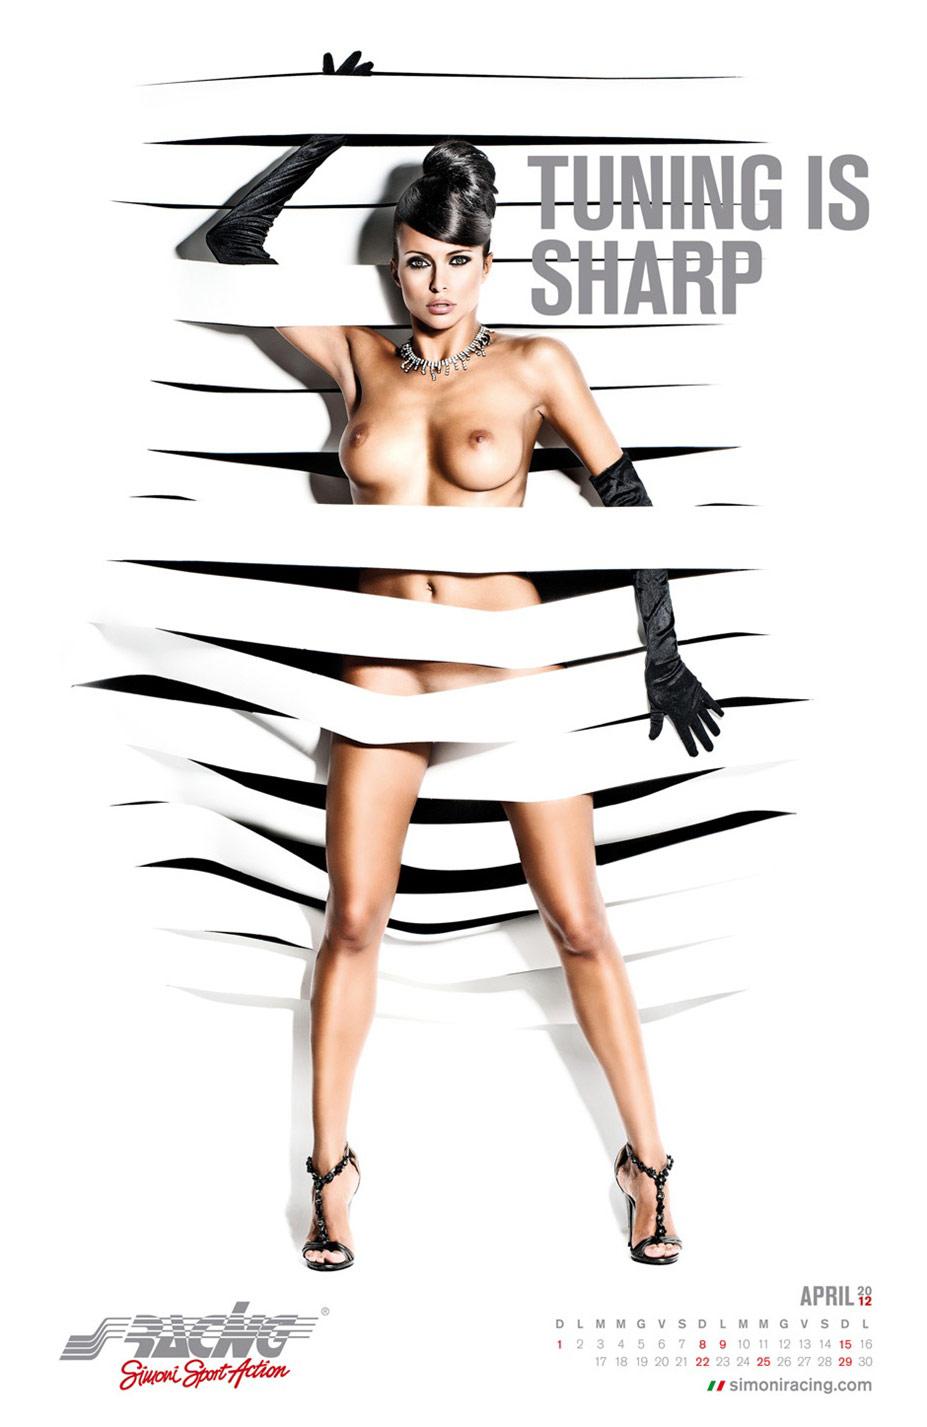 Эротичная фотомодель Франческа Лукасик (Francesca Lukasik) в календаре авто-тюнинг-ателье Simoni Racing на 2012 год